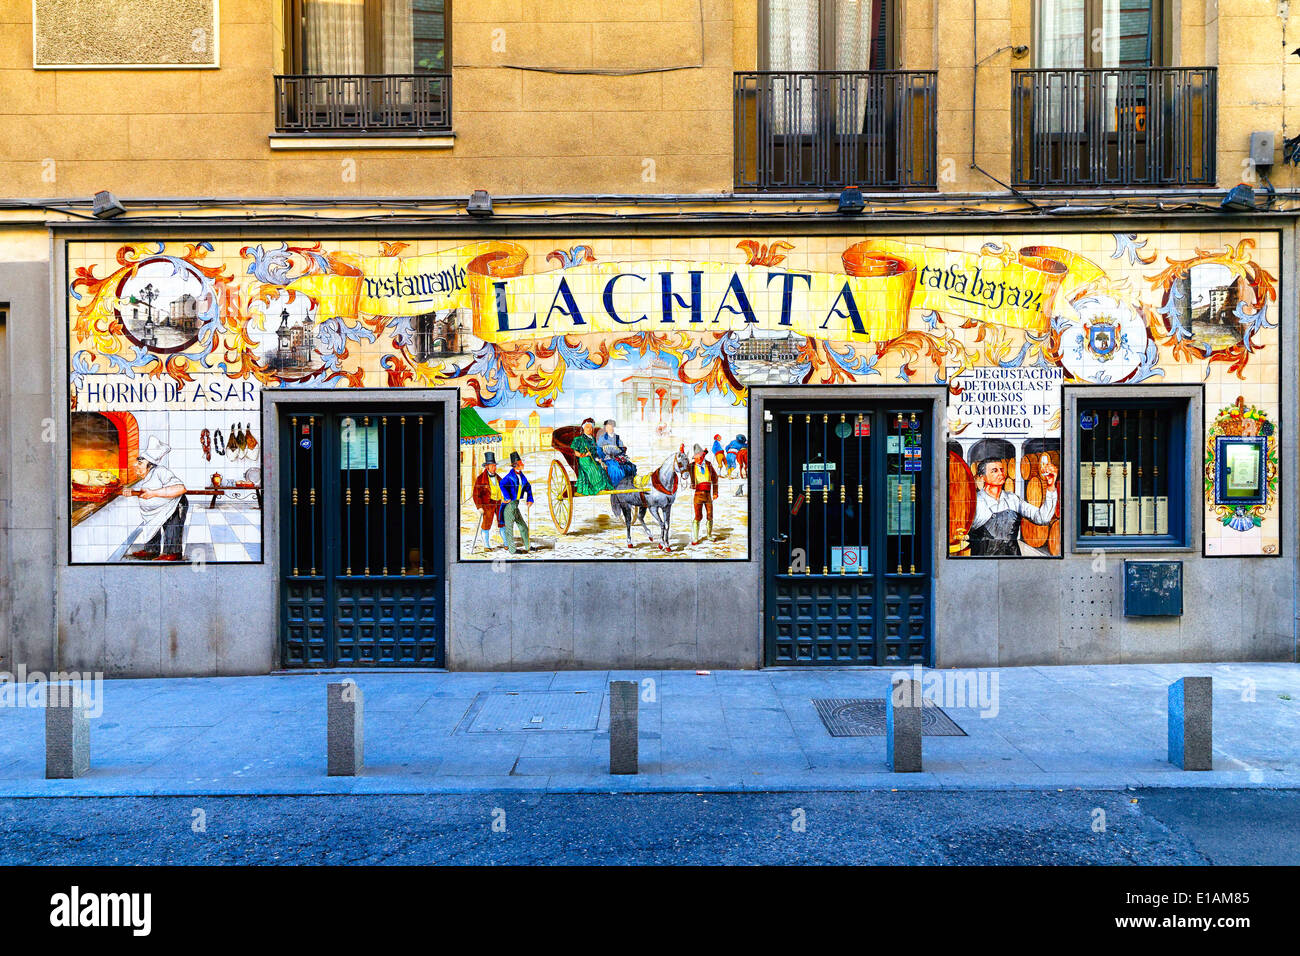 Vista di ingresso di un ristorante di tapas La Chata con piastrelle ornamentali della facciata, Madrid, Spagna Immagini Stock